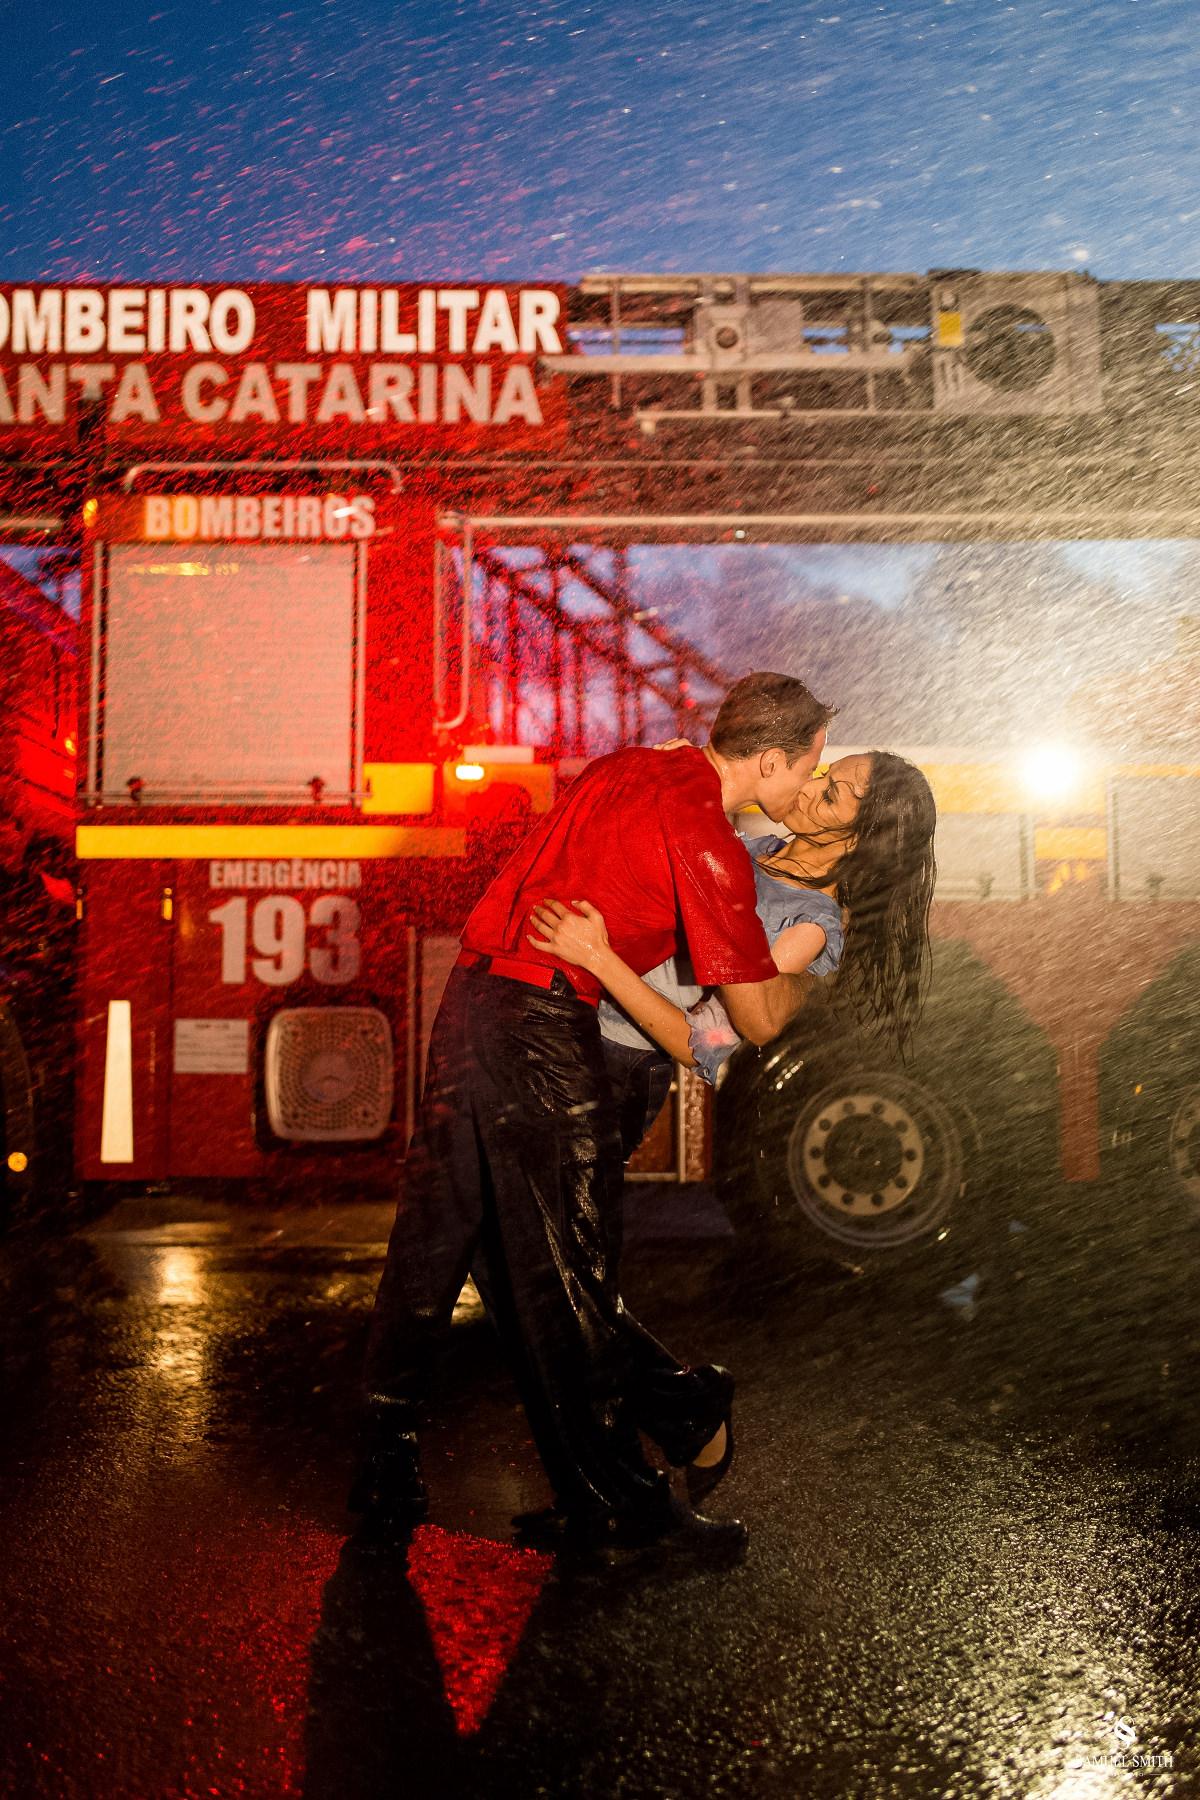 ensaio - fotográfico - book - pré casamento - pré wedding - florianópolis sc - fotógrafo - fotos - bombeiro militar (57)